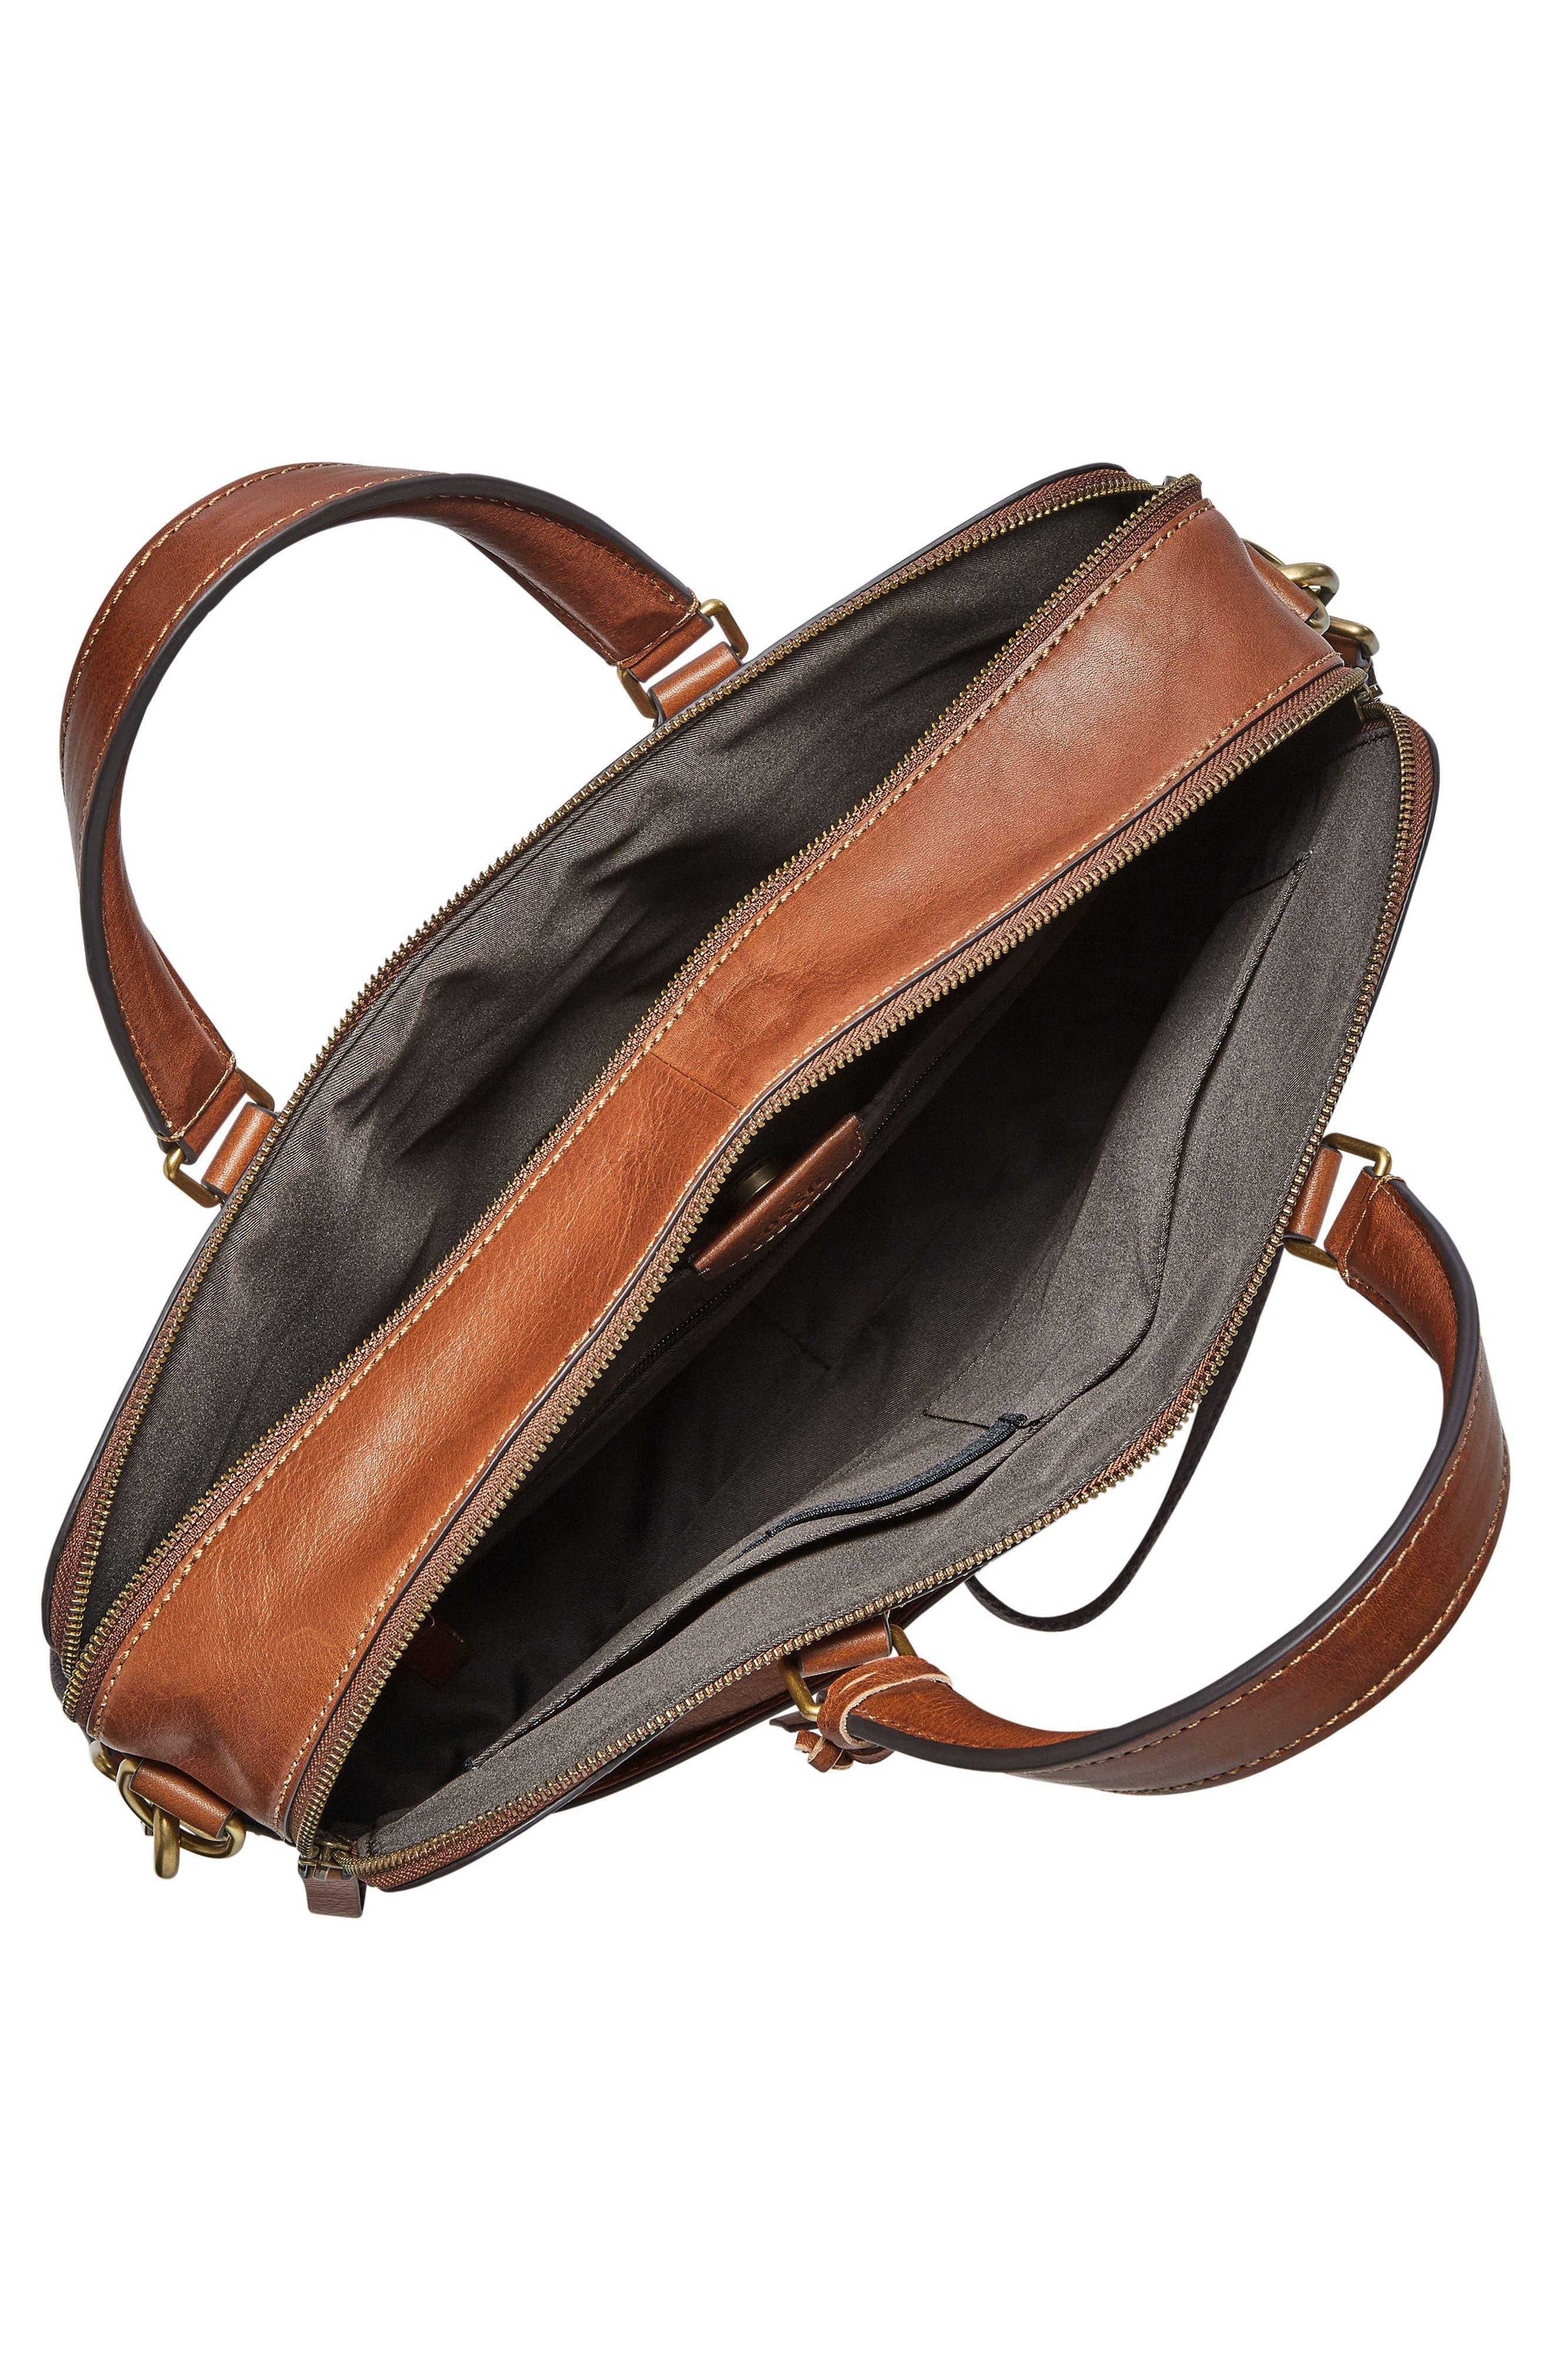 Defender Leather Briefcase,                             Alternate thumbnail 3, color,                             COGNAC